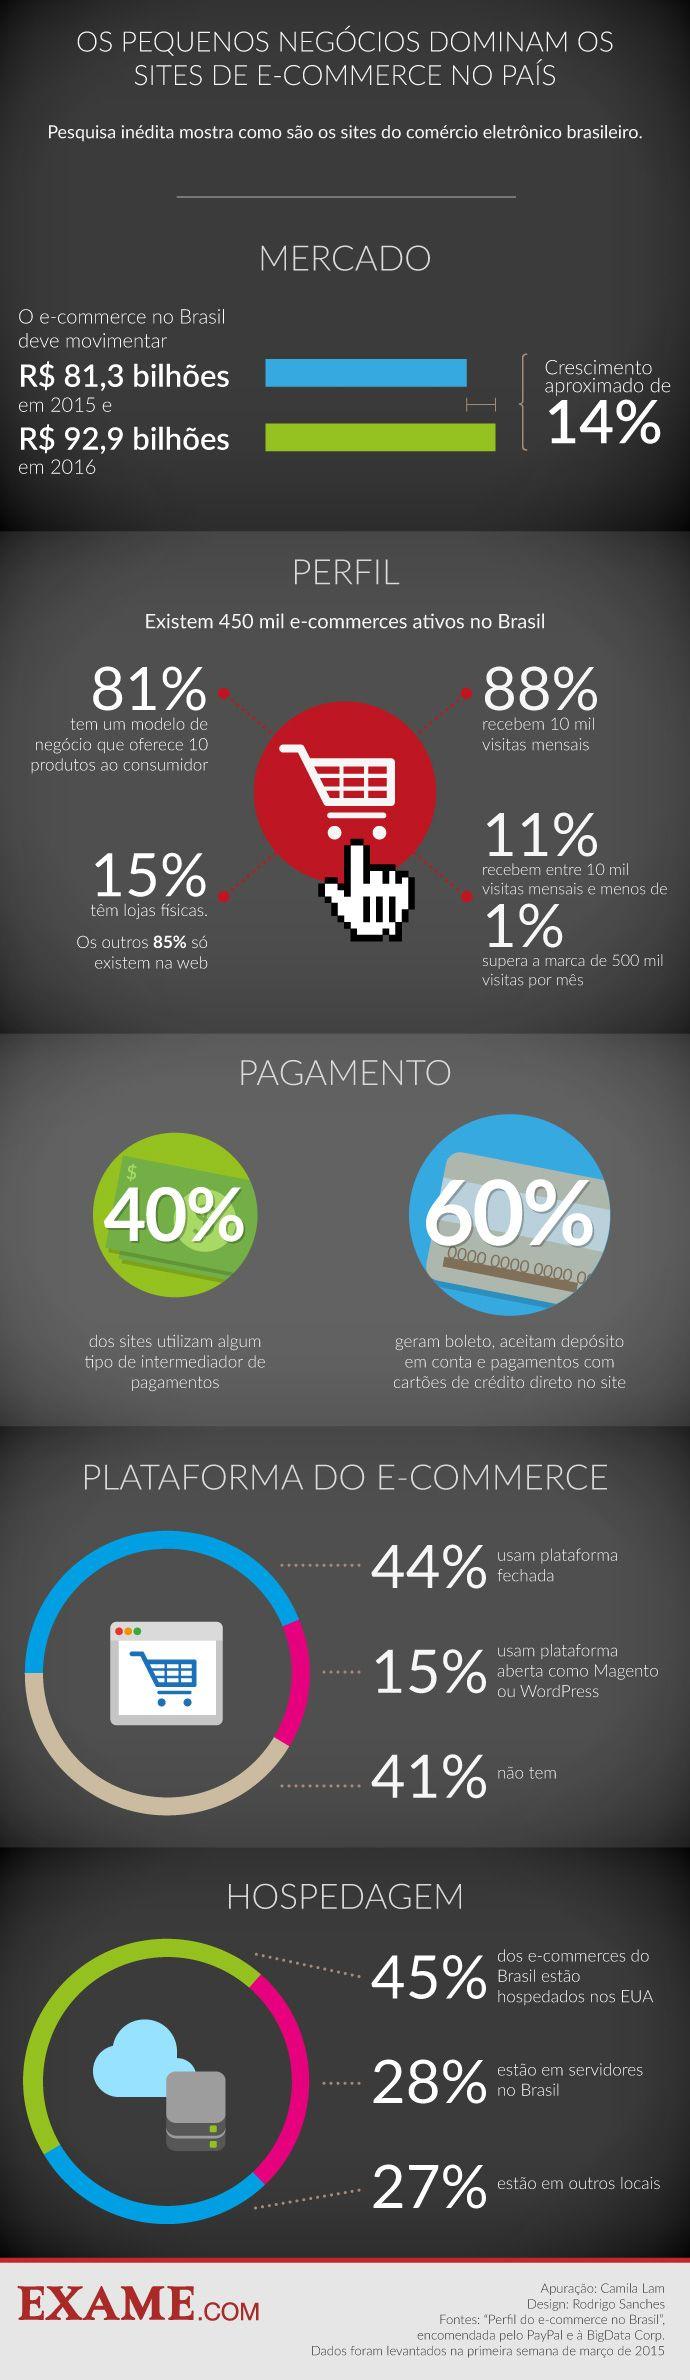 O perfil do varejo online no Brasil   EXAME.com